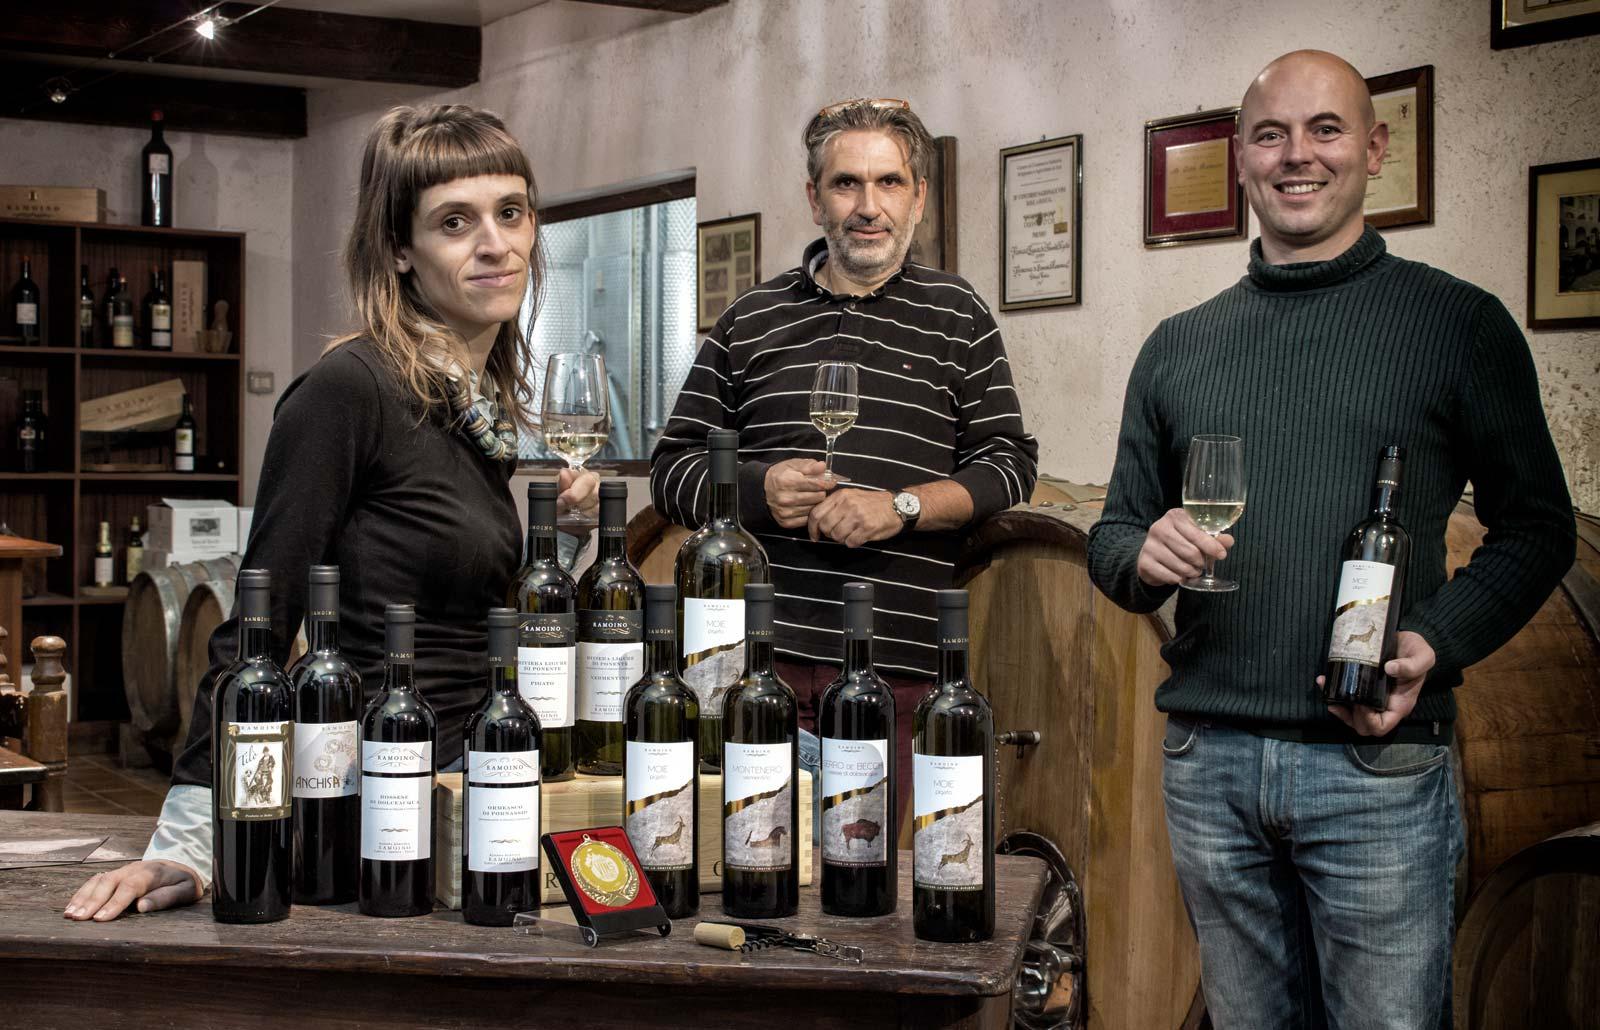 Azienda Agricola Ramoino - Vini liguri premiati